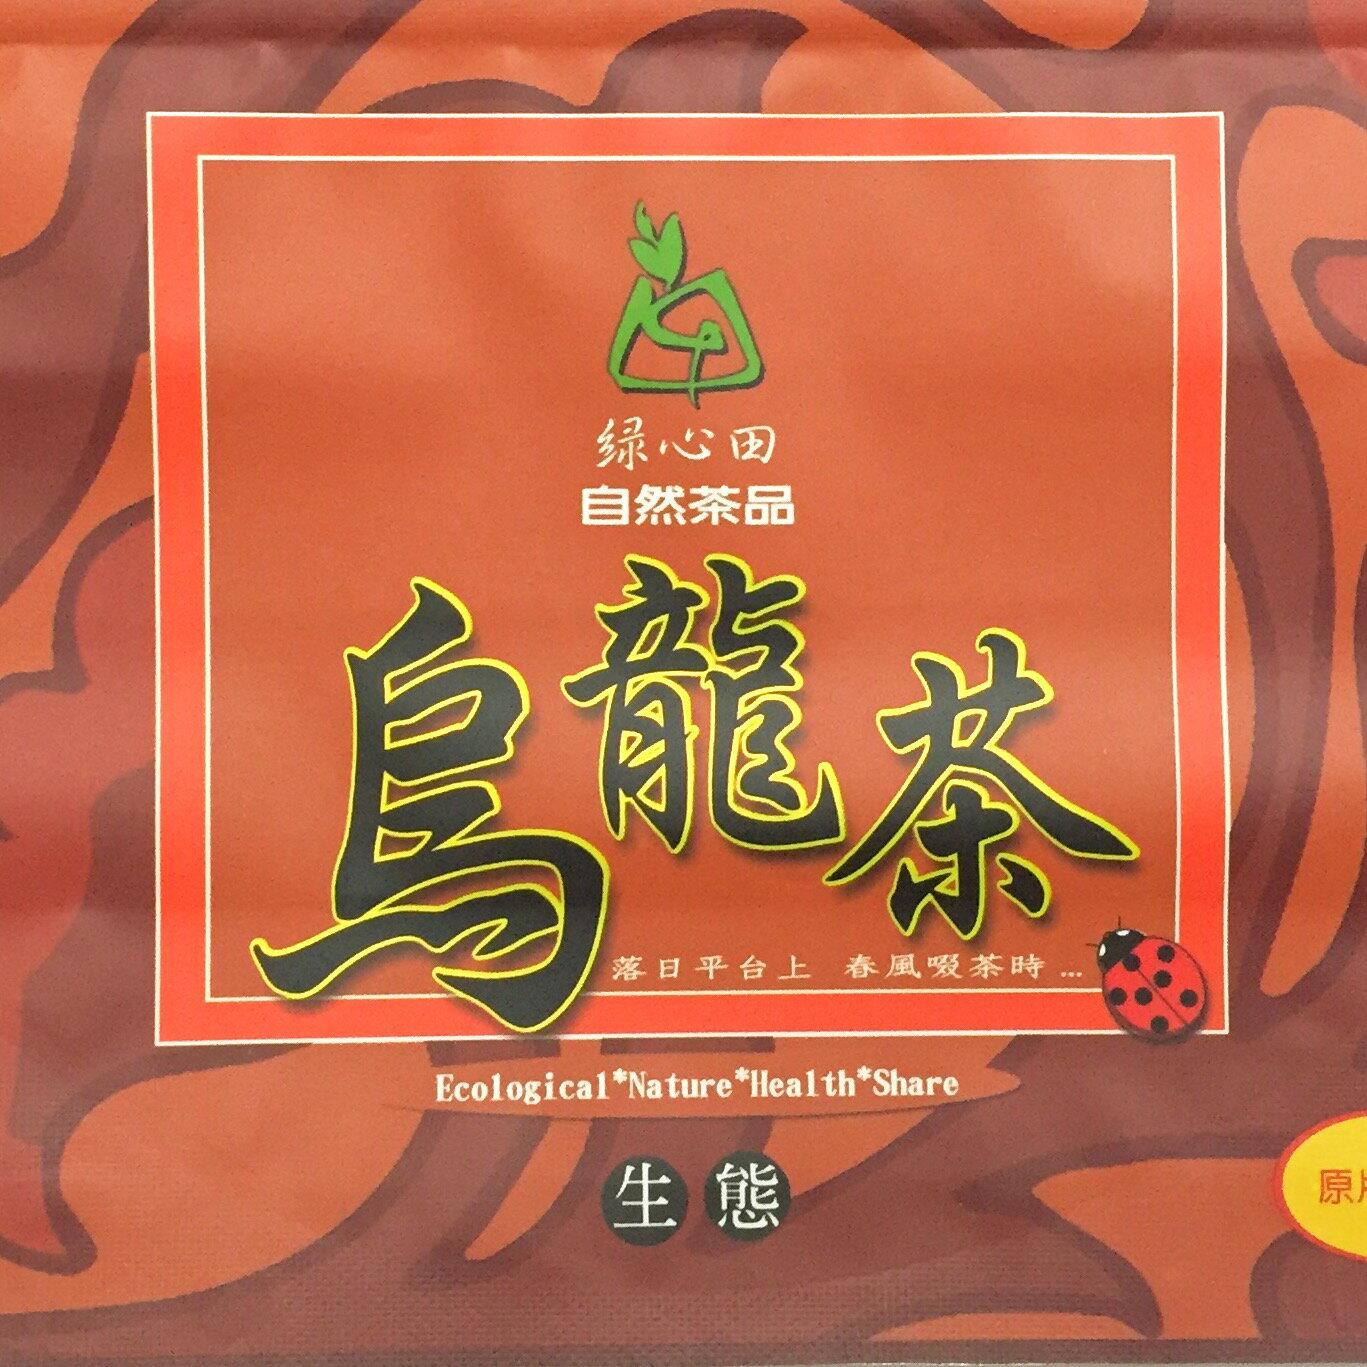 綠心田生態烏龍茶【原片茶葉】茶袋裝--出外上班族最愛//20袋入